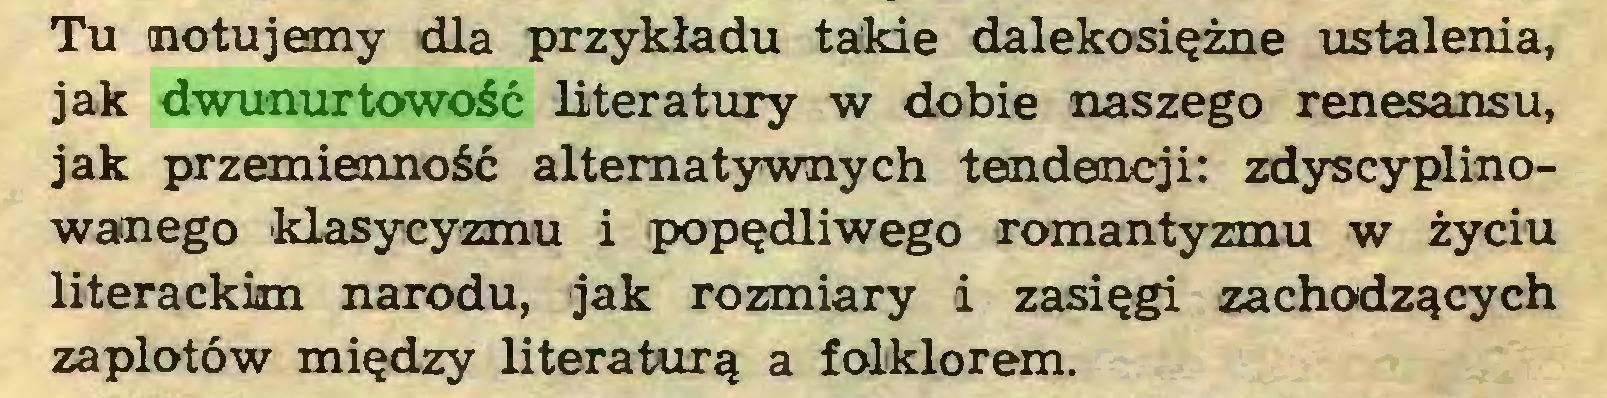 (...) Tu notujemy dla przykładu takie dalekosiężne ustalenia, jak dwunurtowość literatury w dobie naszego renesansu, jak przemienność alternatywnych tendencji: zdyscyplinowanego klasycyzmu i popędliwego romantyzmu w życiu literackim narodu, jak rozmiary i zasięgi zachodzących zaplotów między literaturą a folklorem...